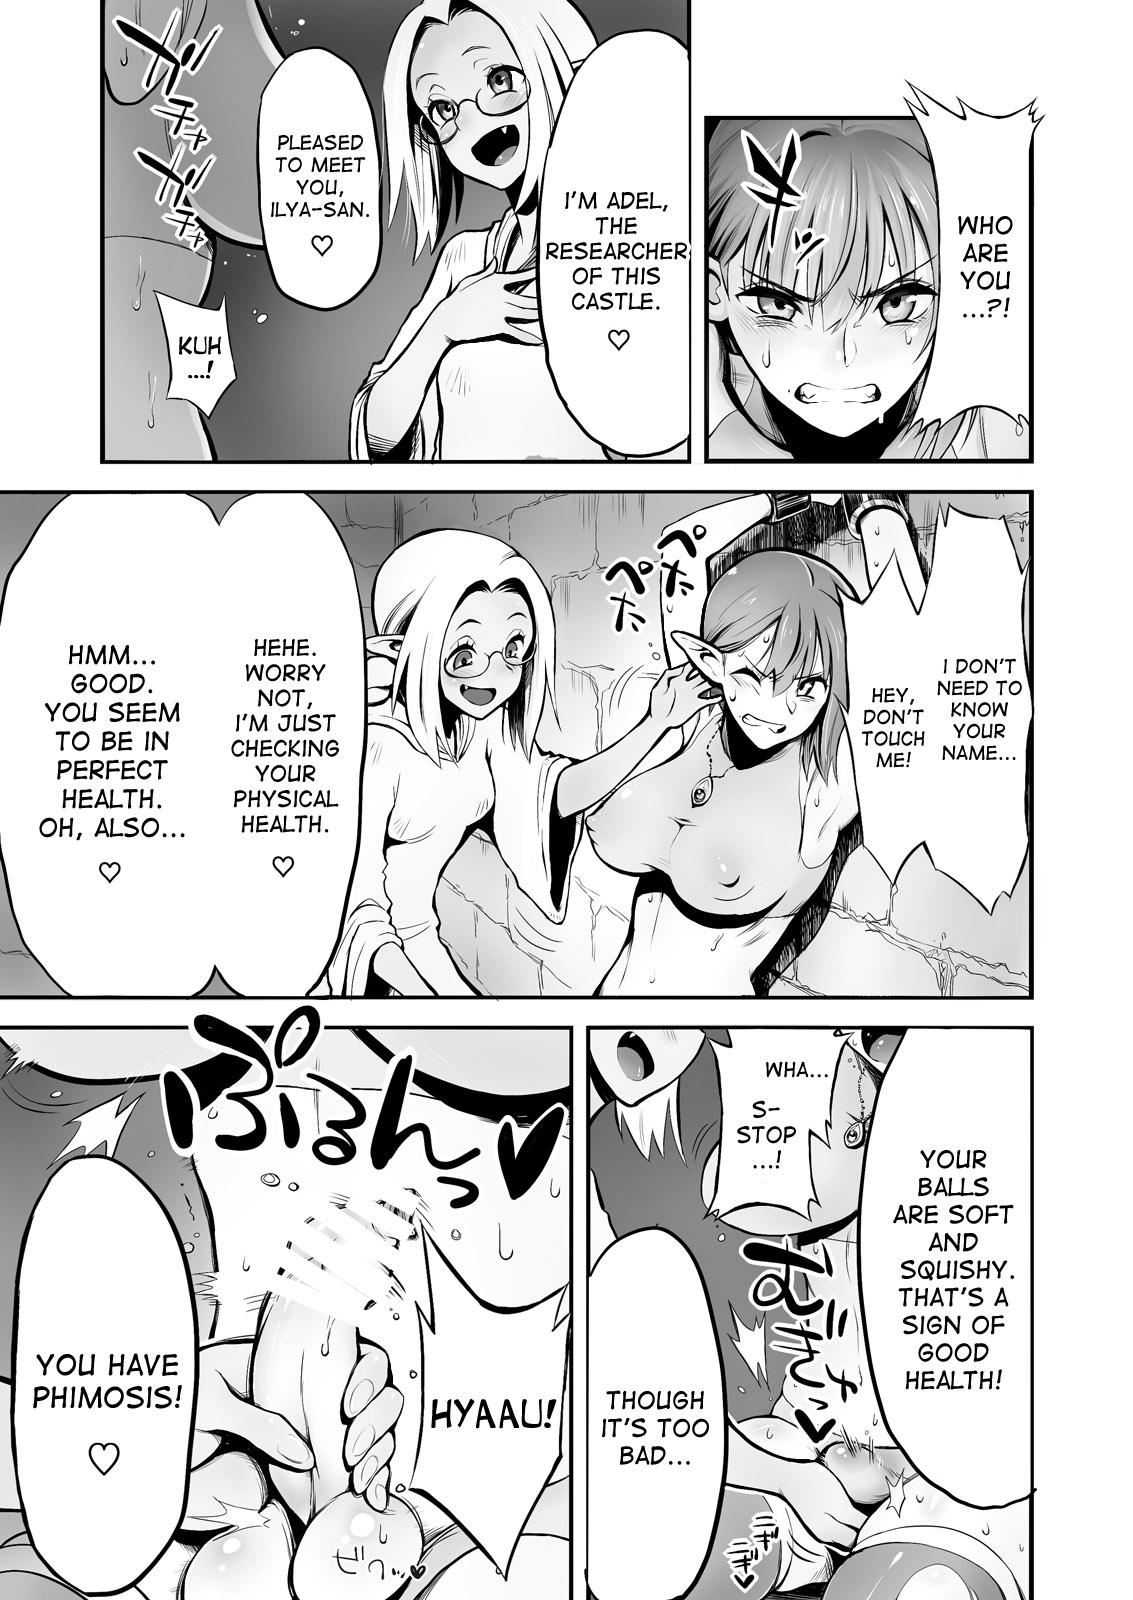 Porn manga Manga (anime)